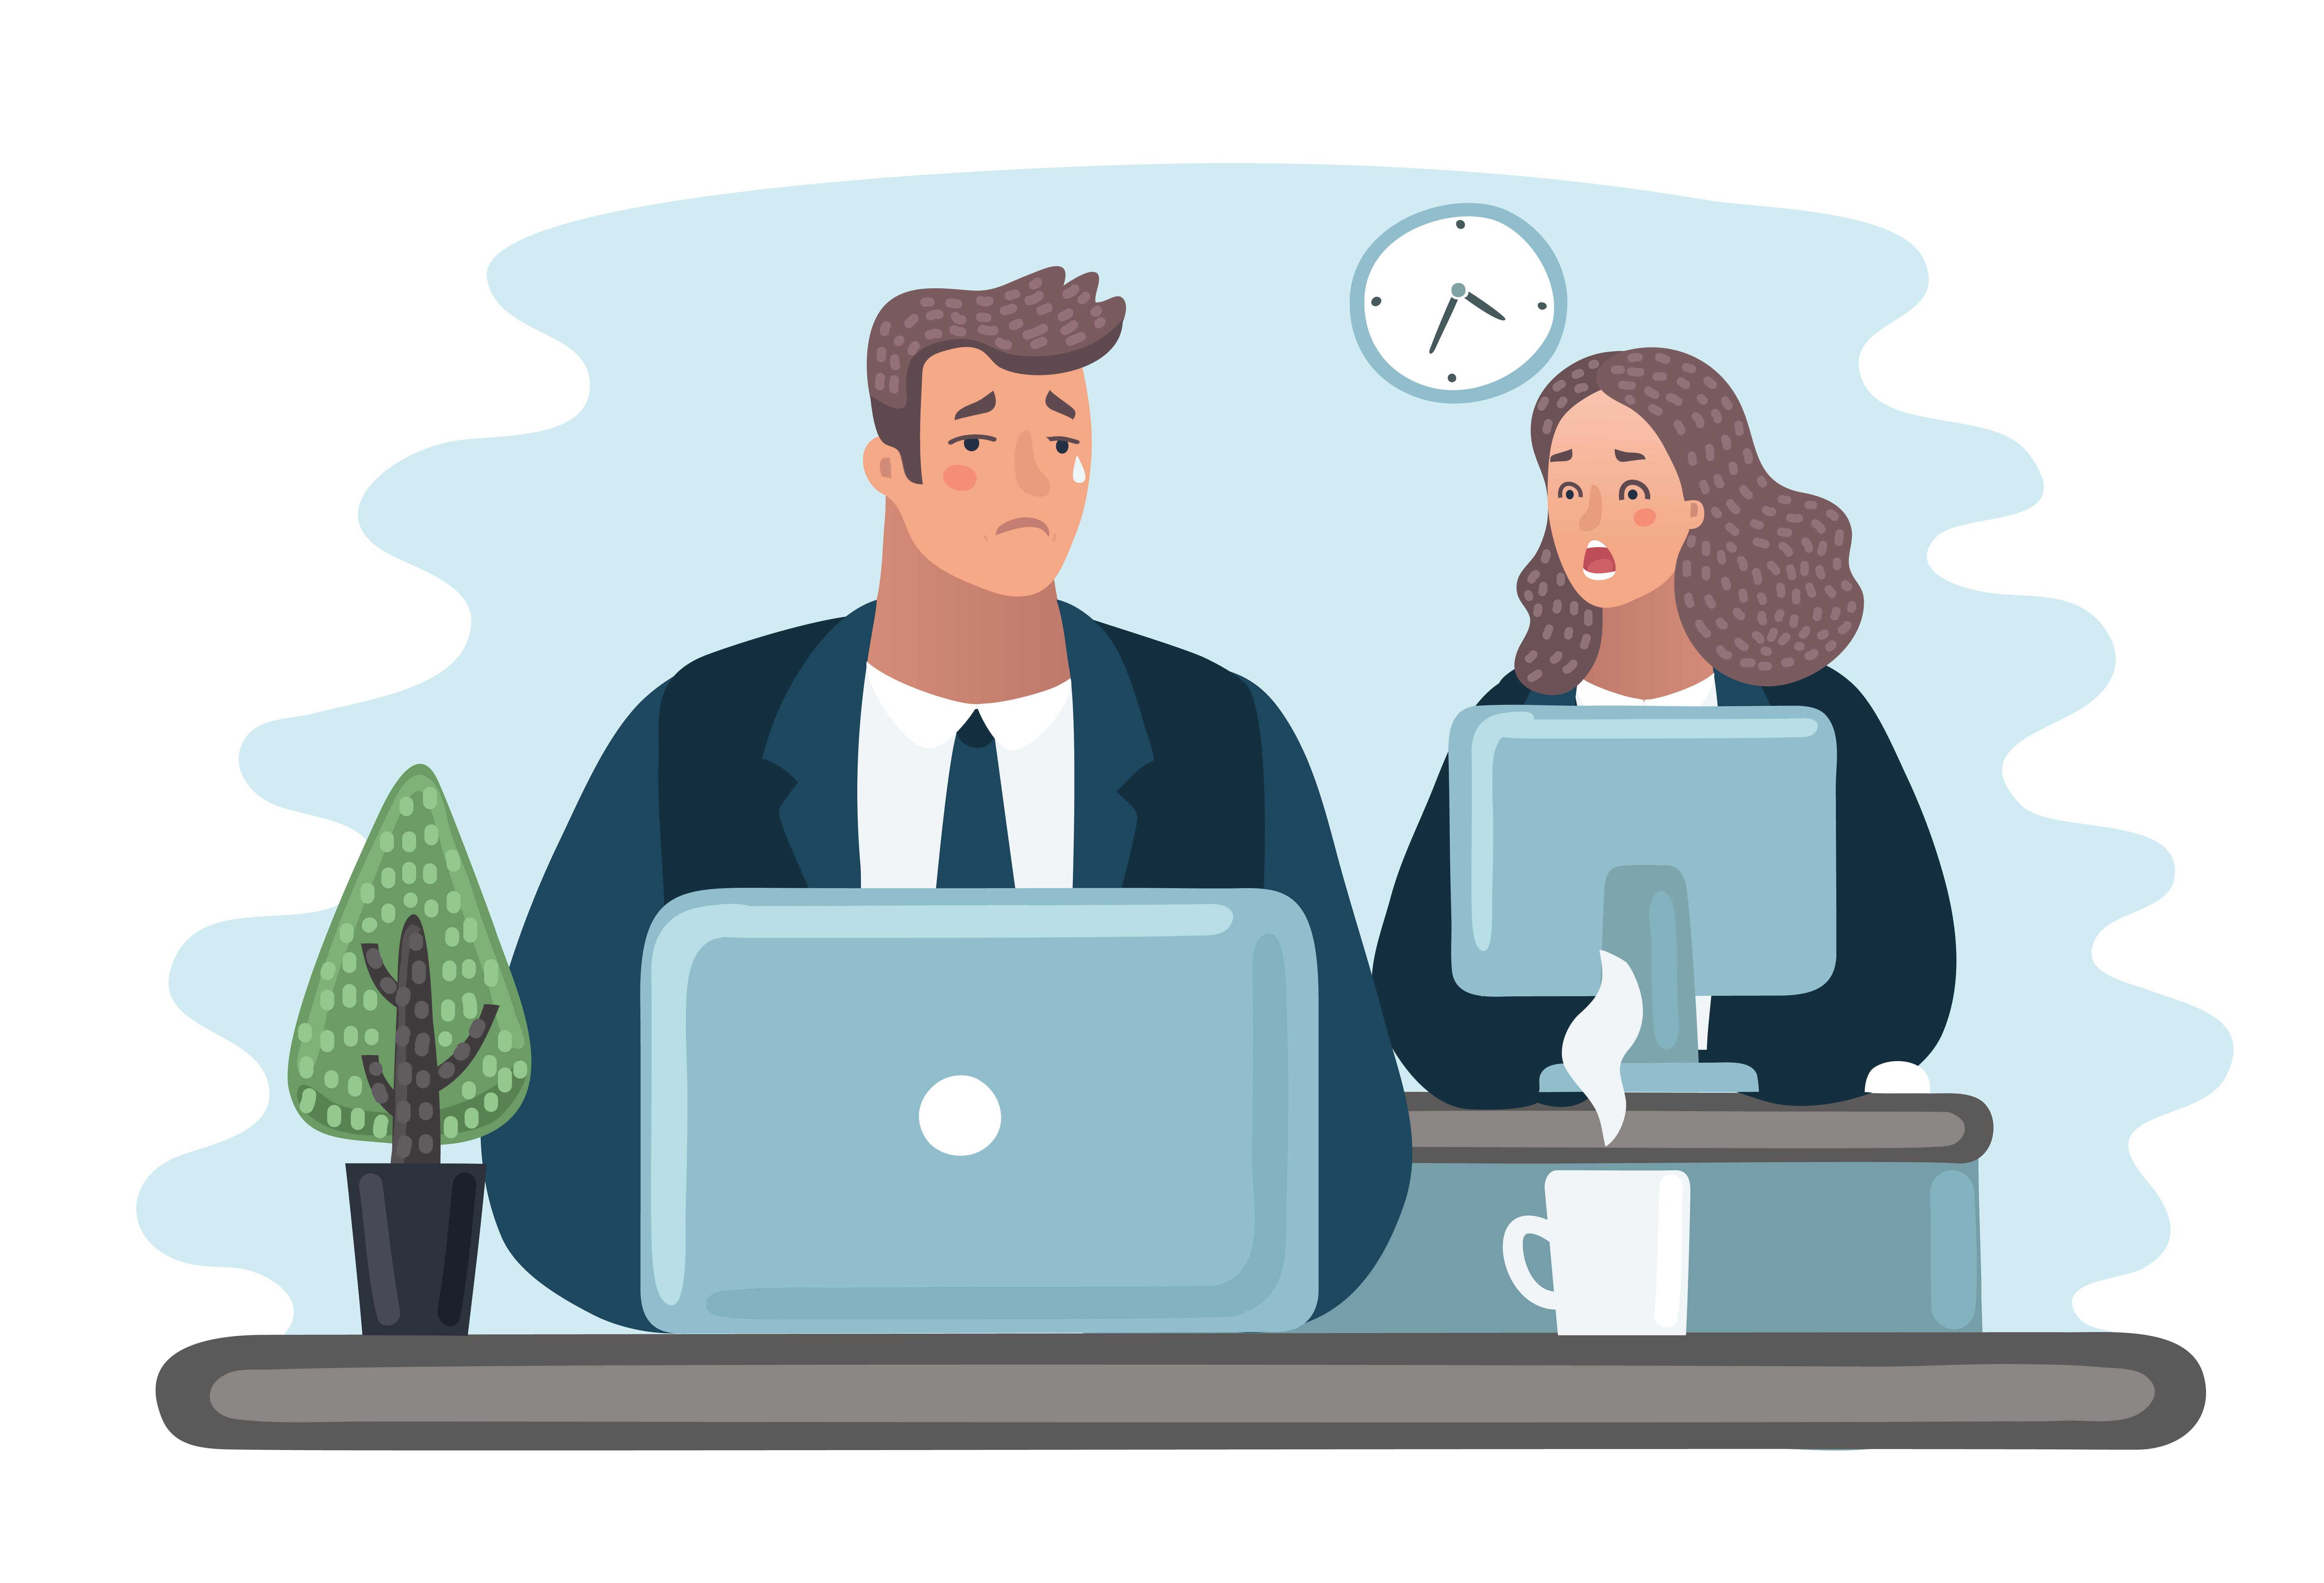 Personer i chefsposition men även fler män än kvinnor uppgav att de utsattes för arbetsrelaterad nätmobbning.